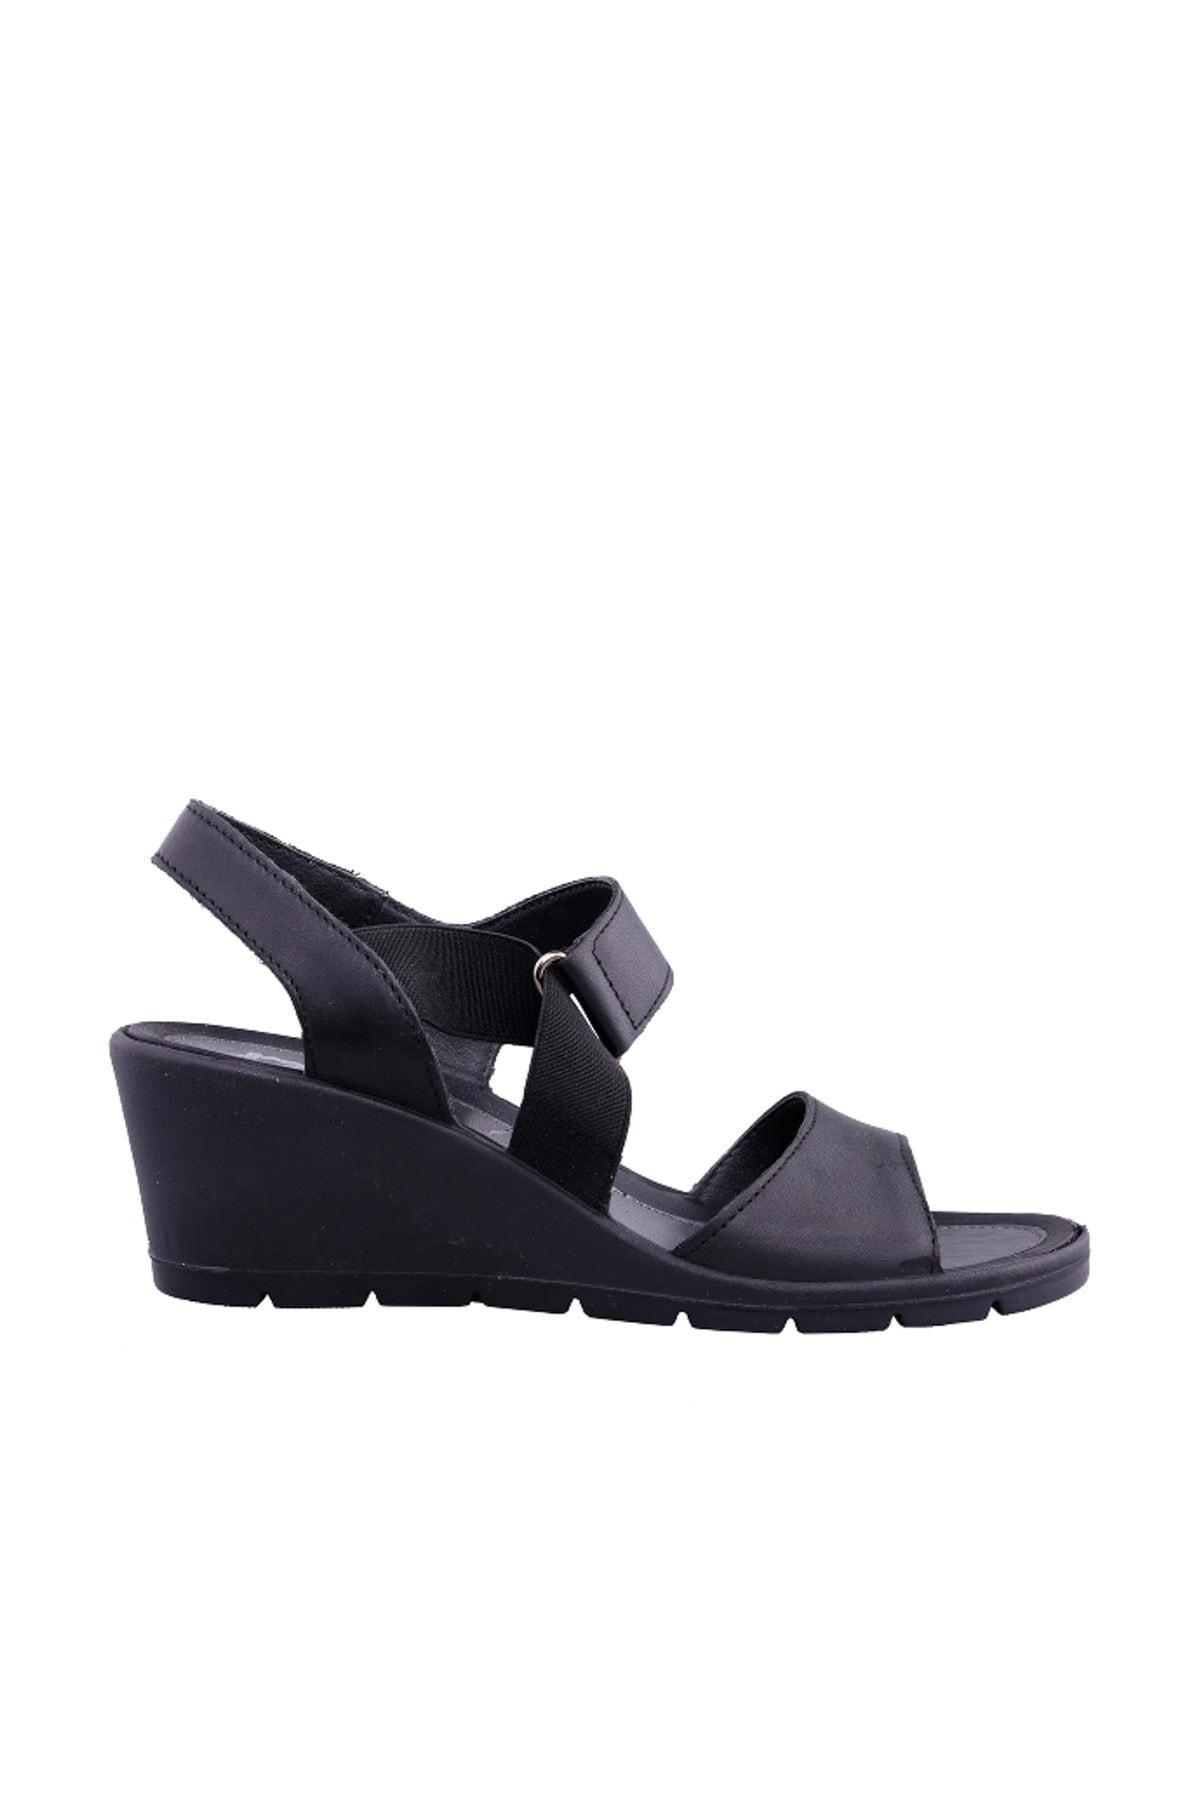 İmac Kadın Sandalet 72500 1